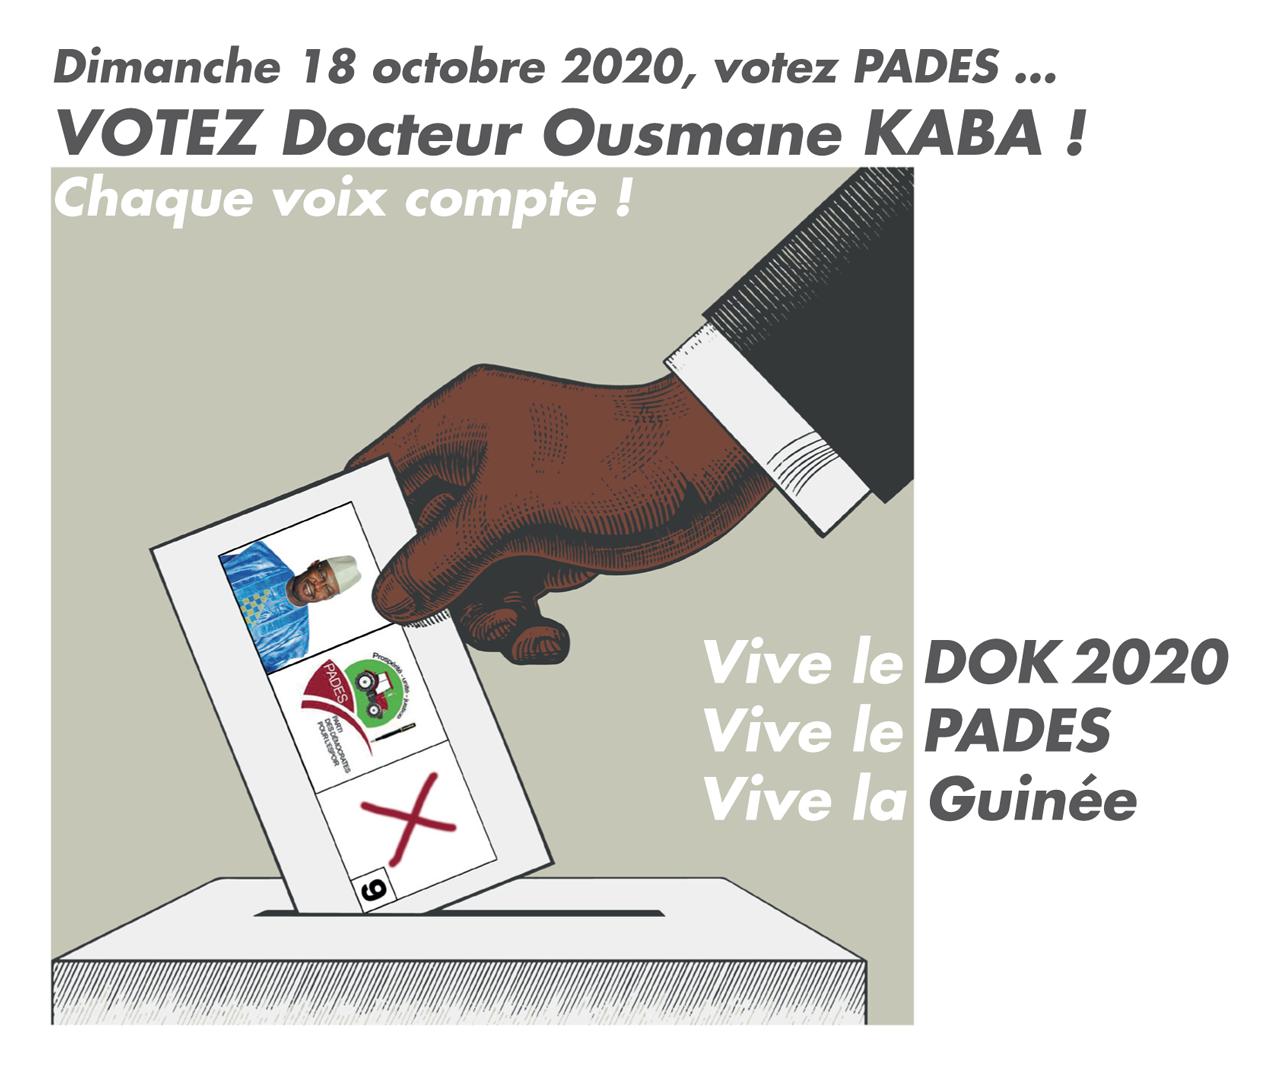 Dimanche 18 octobre 2020, votez PADES … VOTEZ Docteur Ousmane KABA ! Chaque voix compte ! Vive le DOK 2020 ! Vive le PADES ! Vive la Guinée !